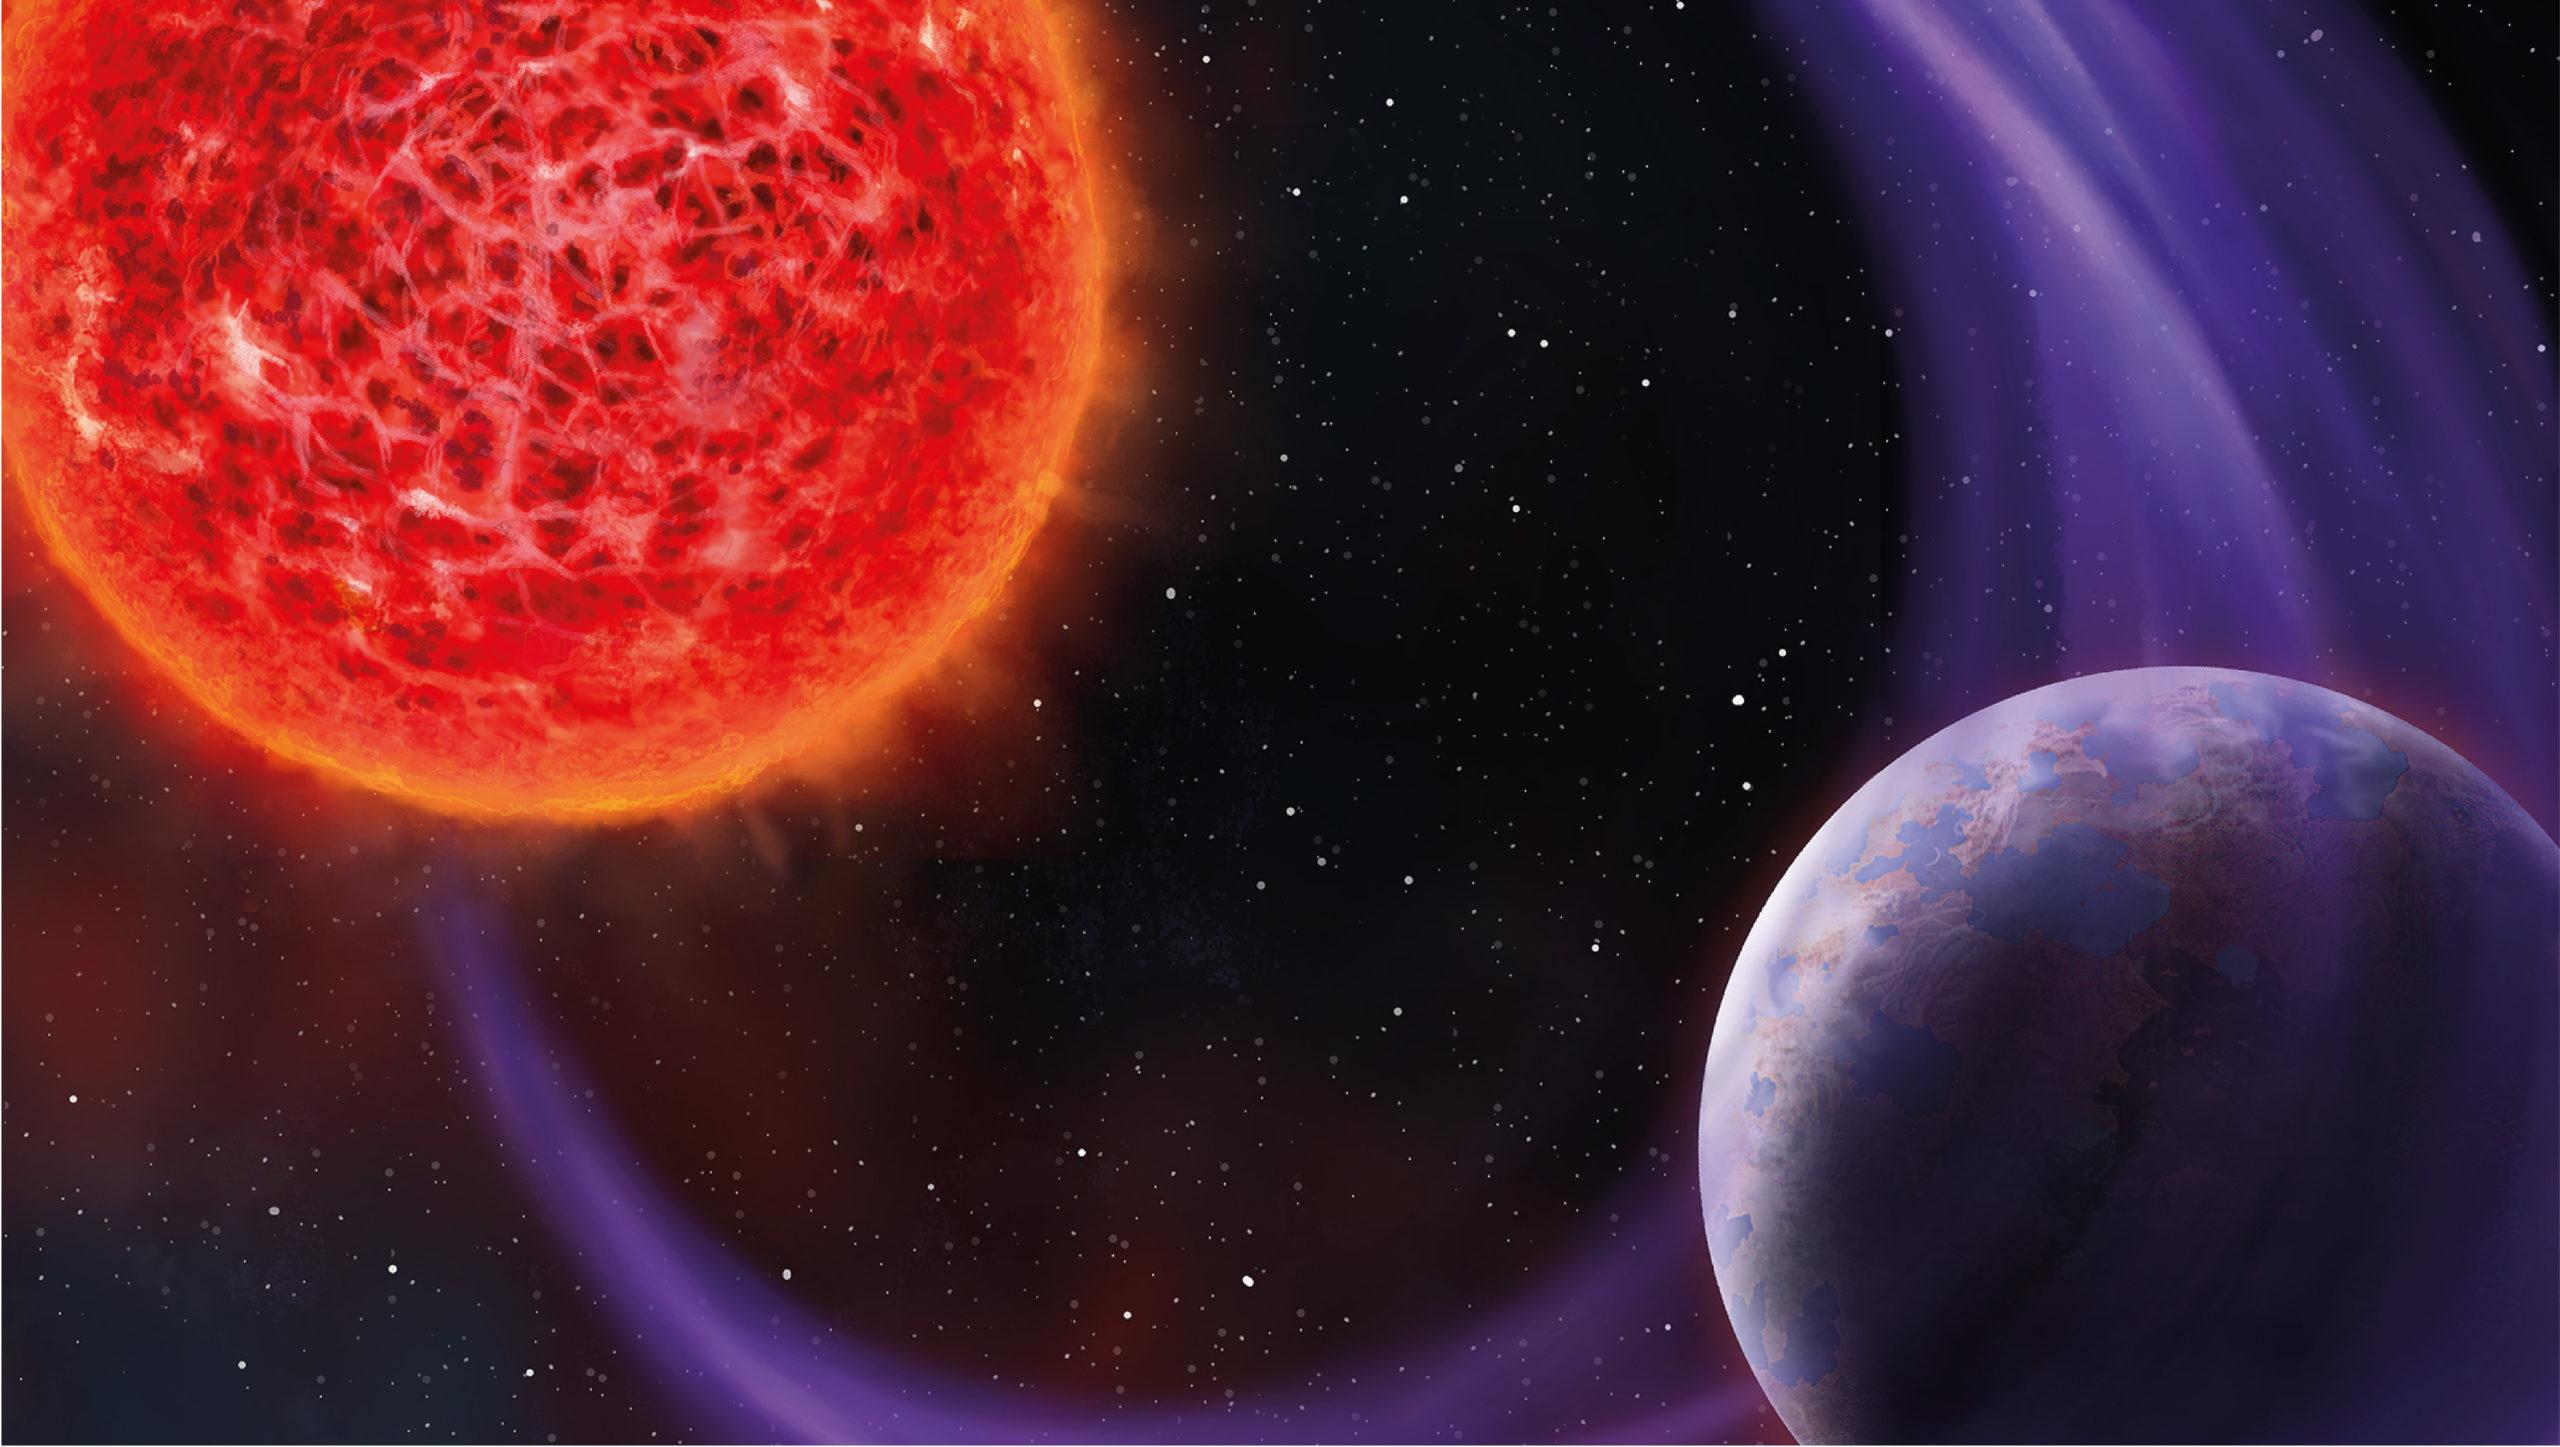 Descubren señales de radio de posibles planetas situados fuera del sistema solar